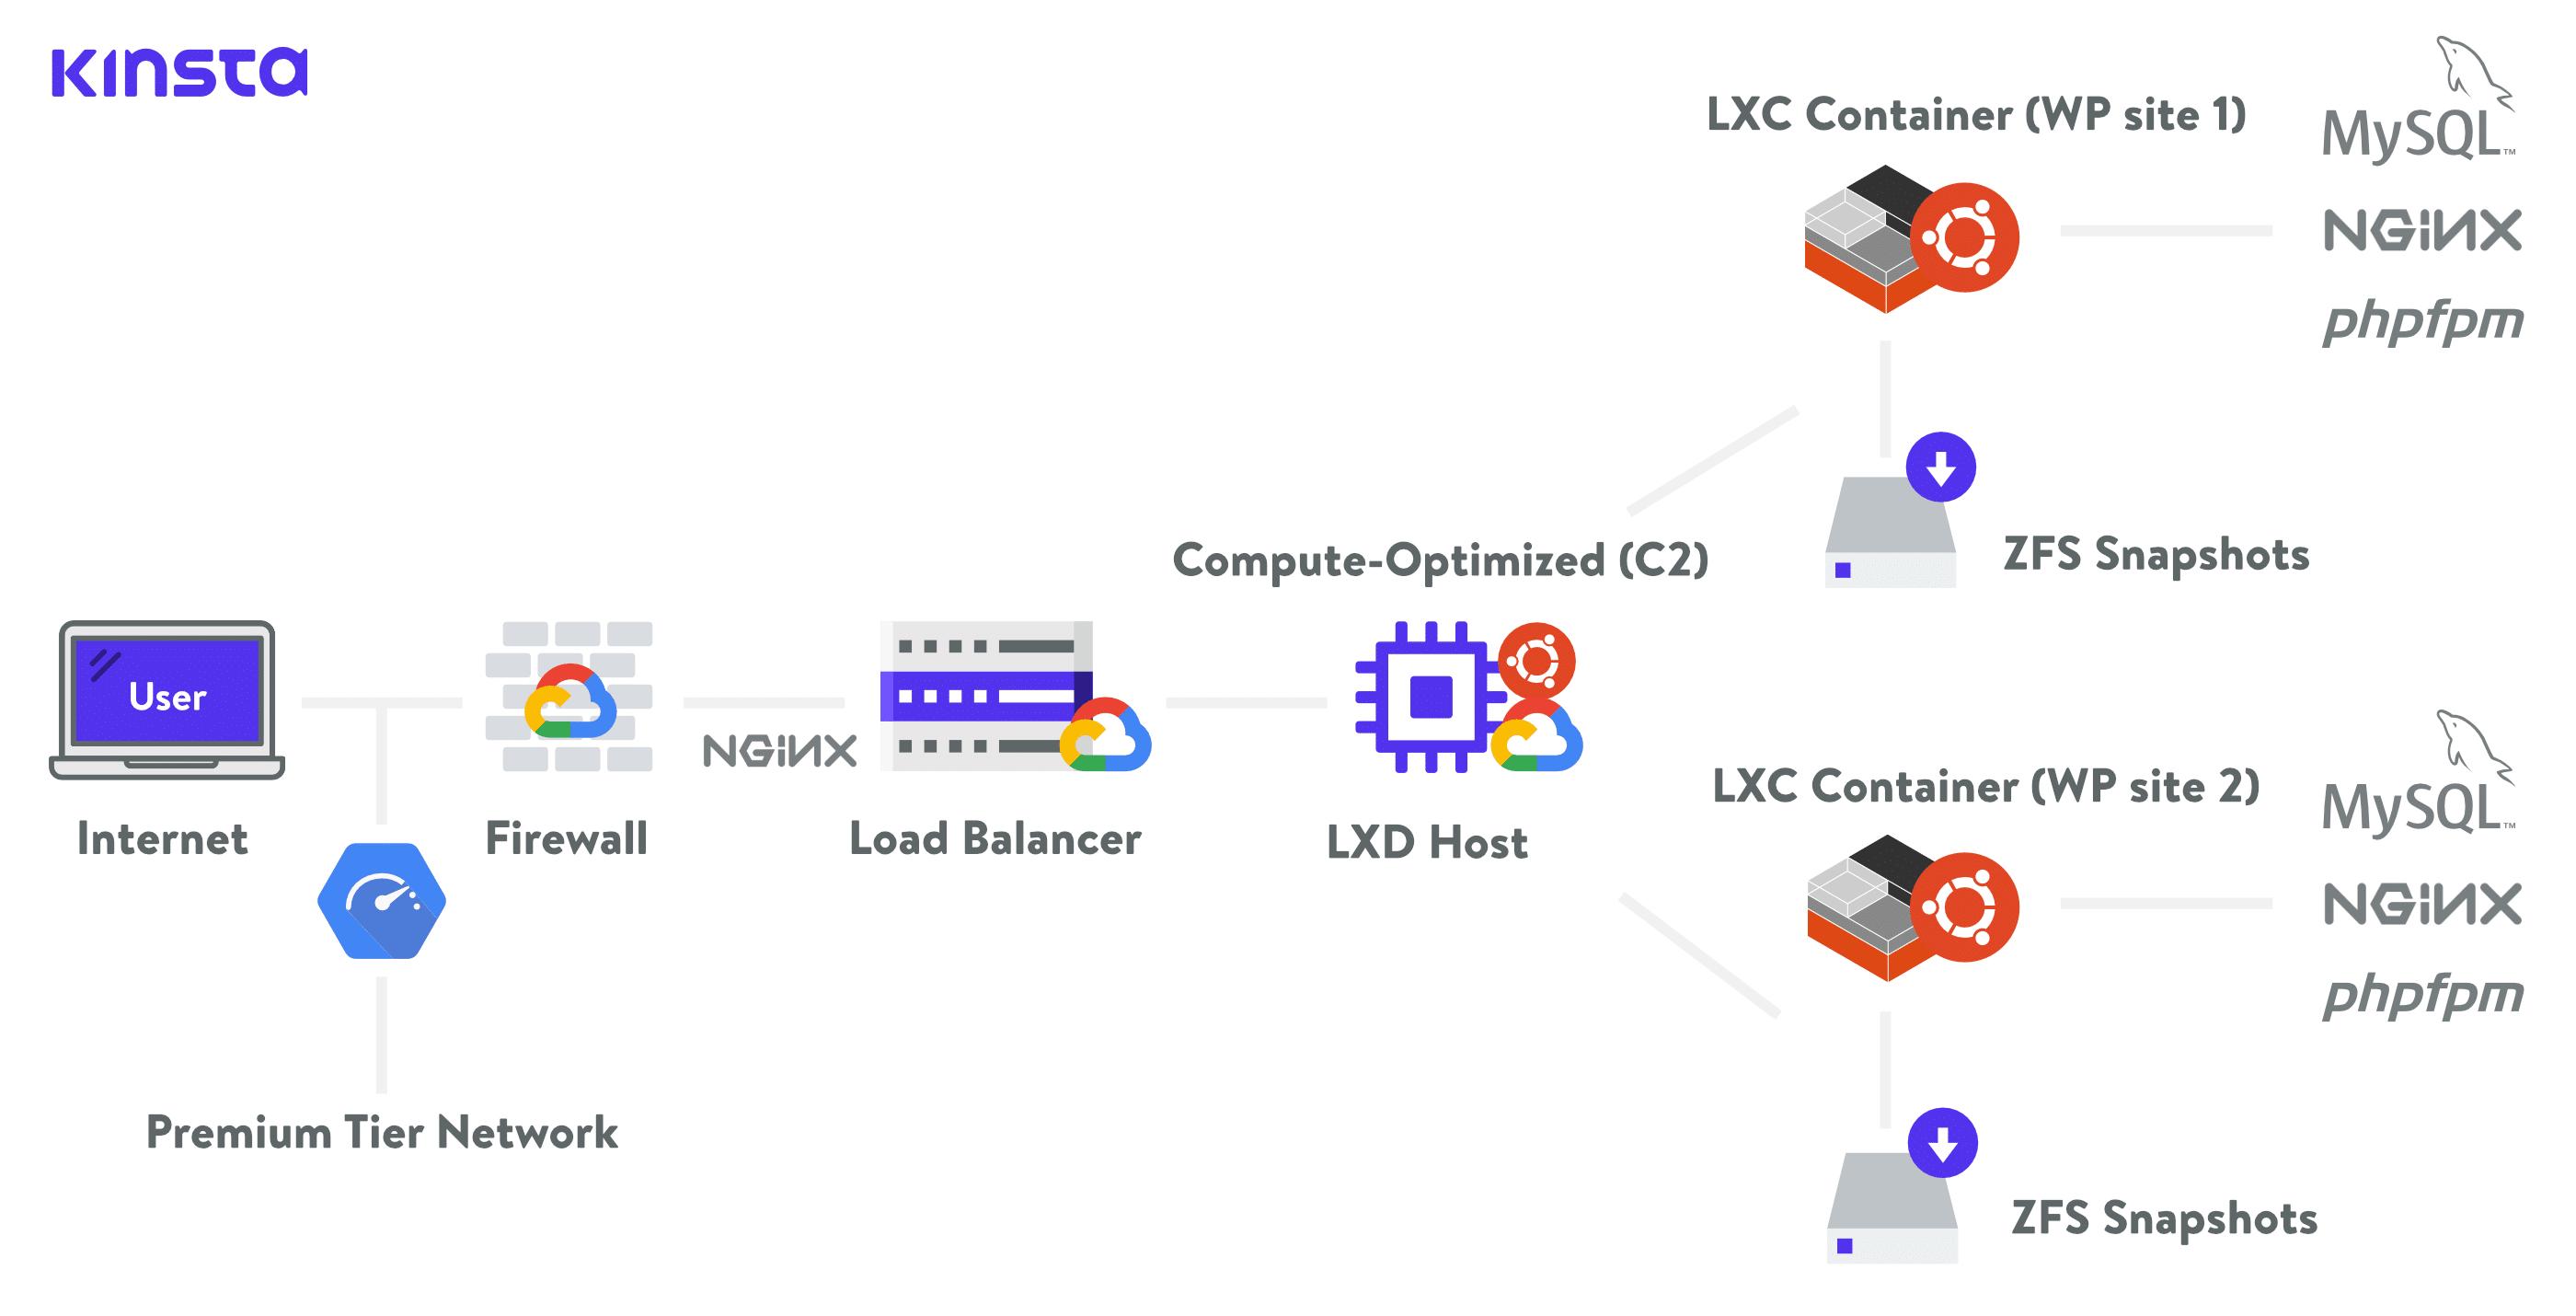 Kinsta er host for infrastruktur med GCP C2 VM